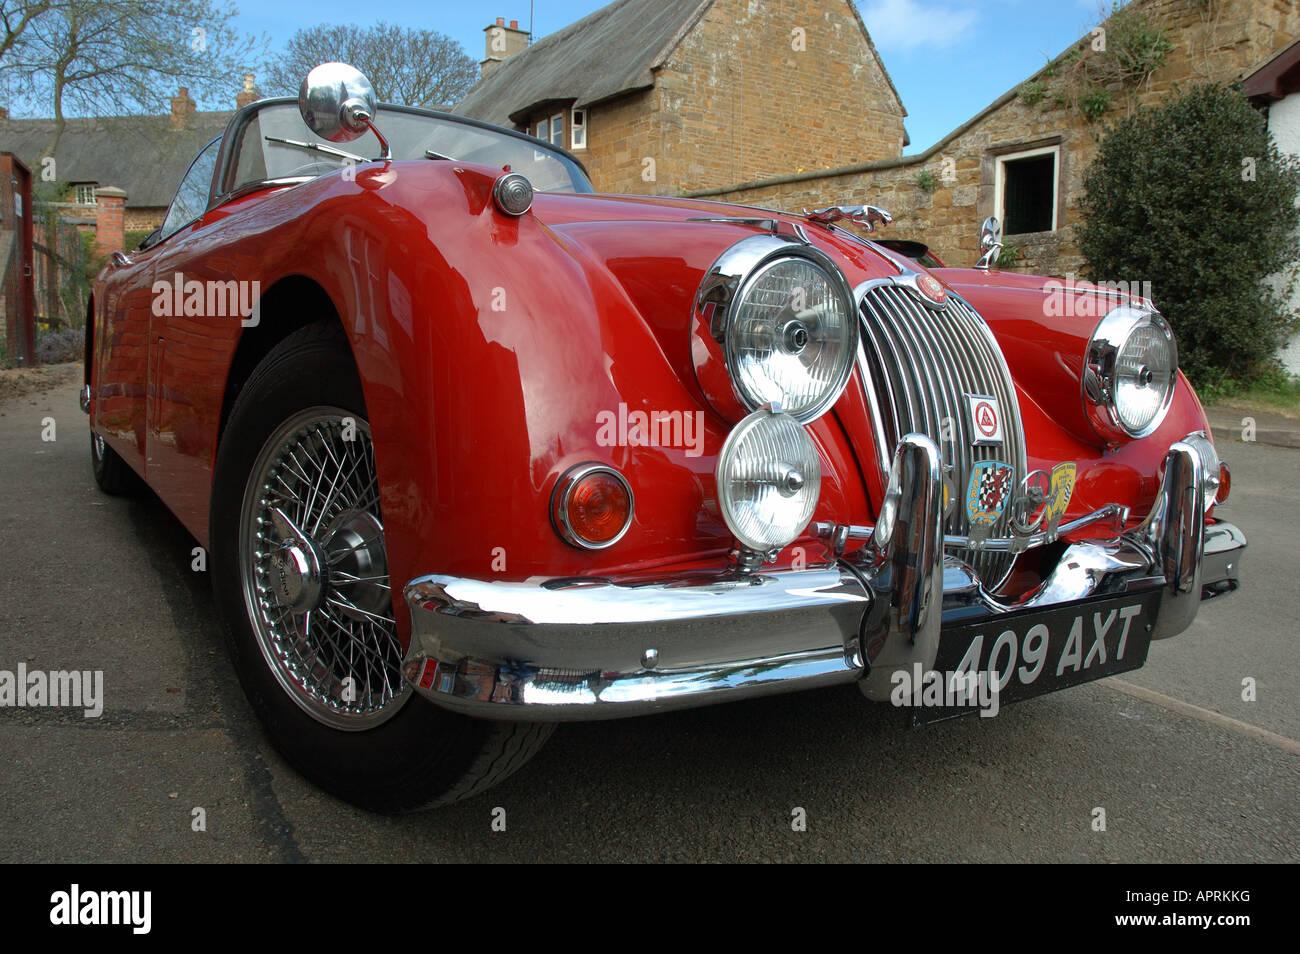 """roten Jaguar-Sportwagen von Robbie Coltrane in seiner TV-Serie """"B Road Britain"""" verwendet Stockbild"""